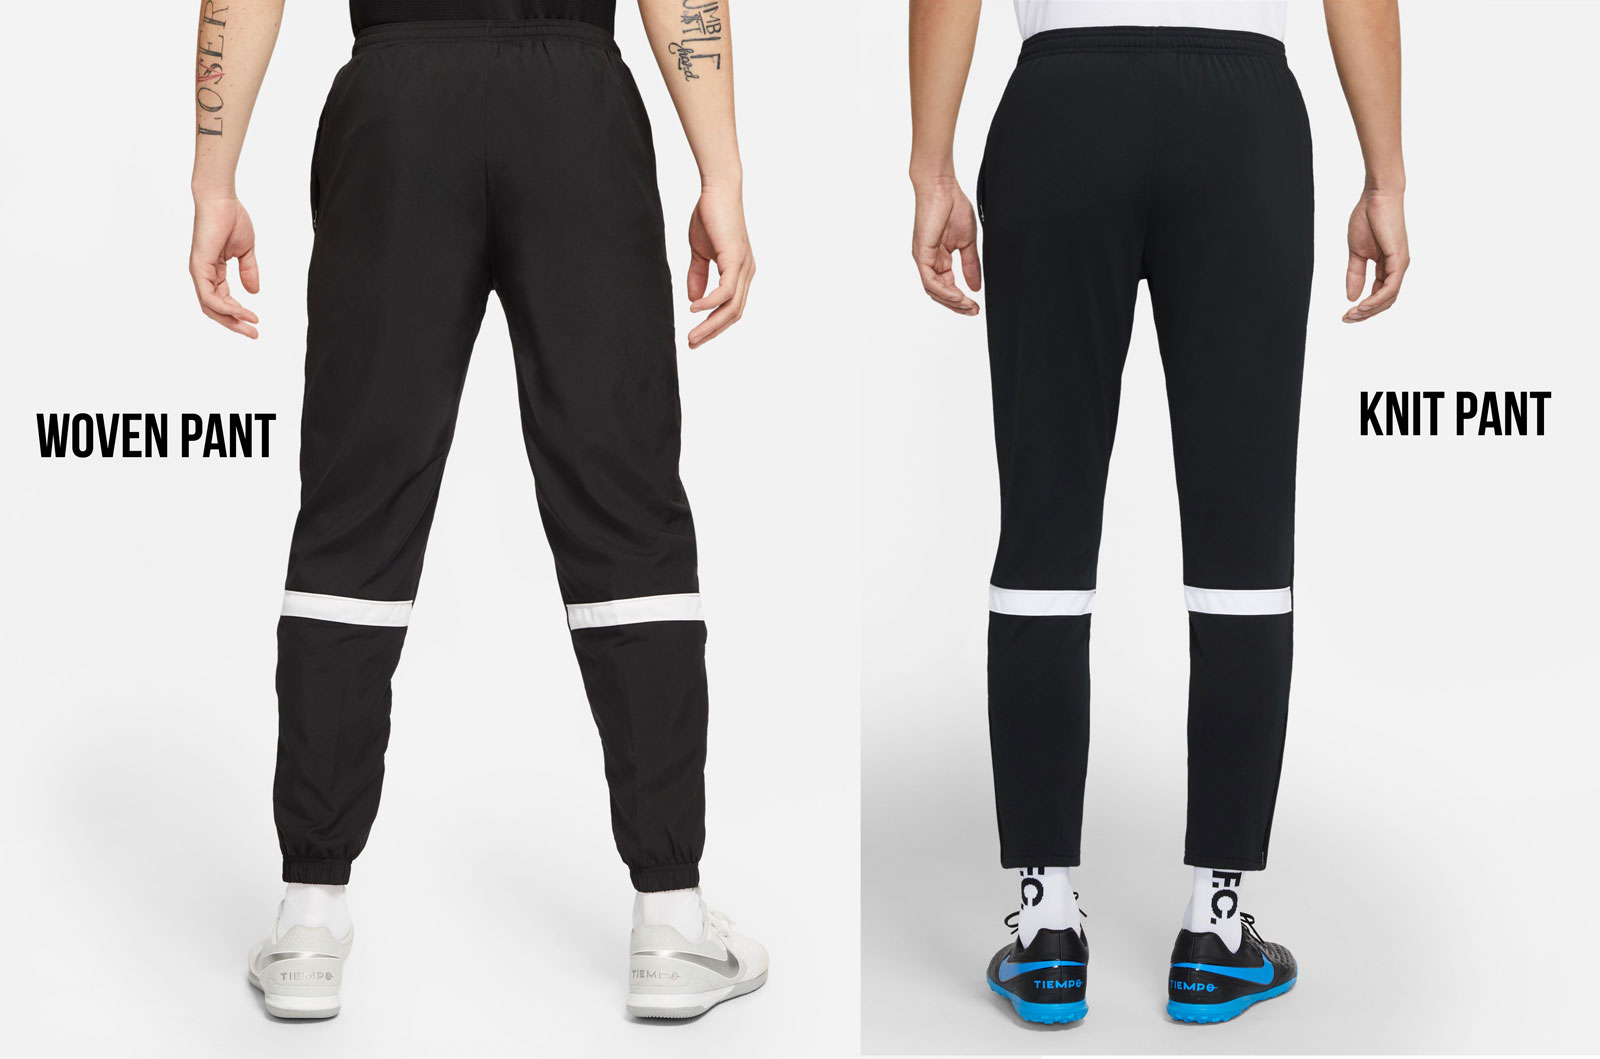 die Nike Academy Woven Pant und Knit Pant von hinten